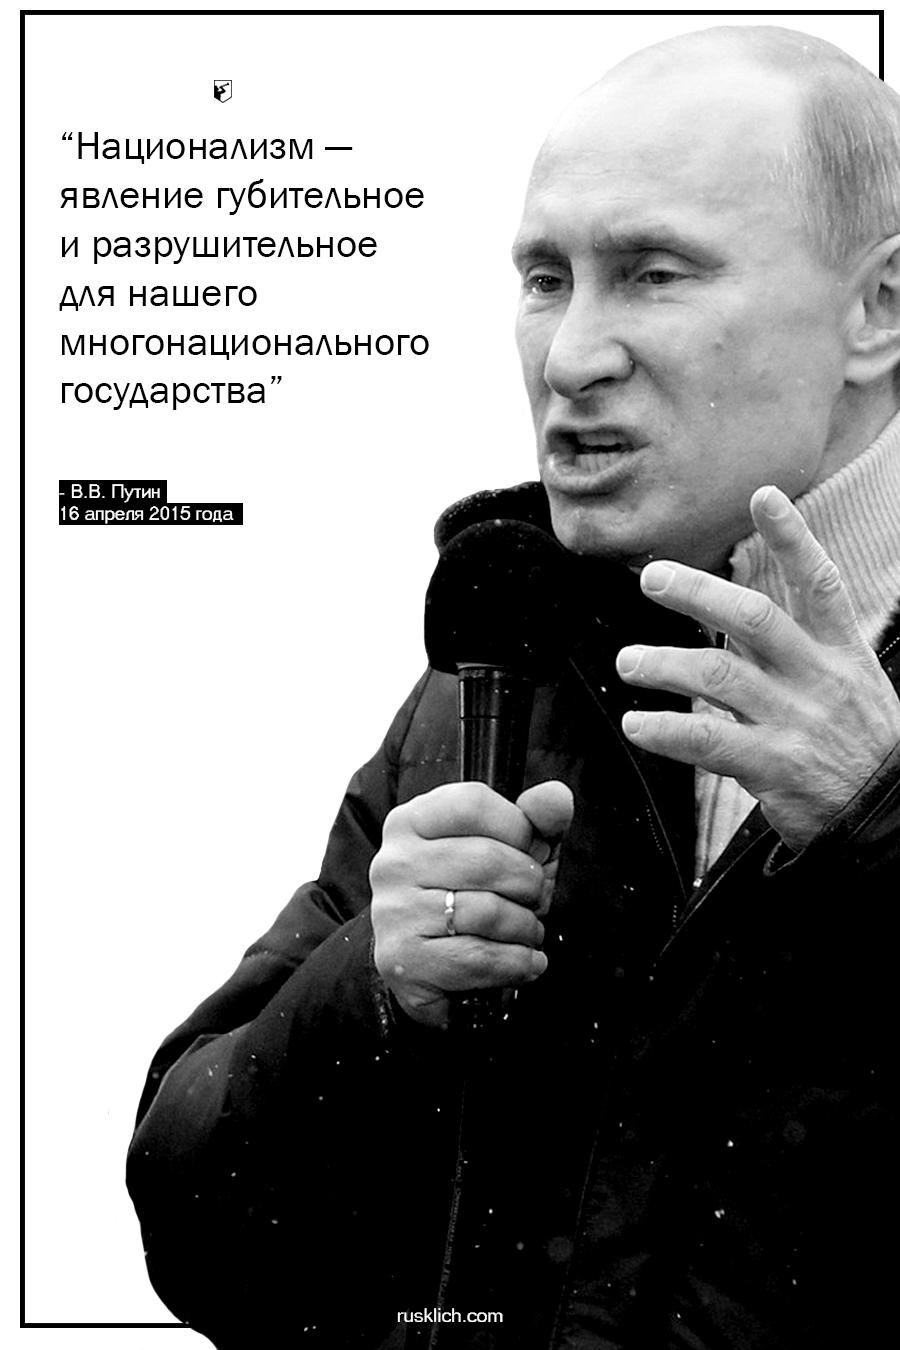 Владимир Путин о национализме